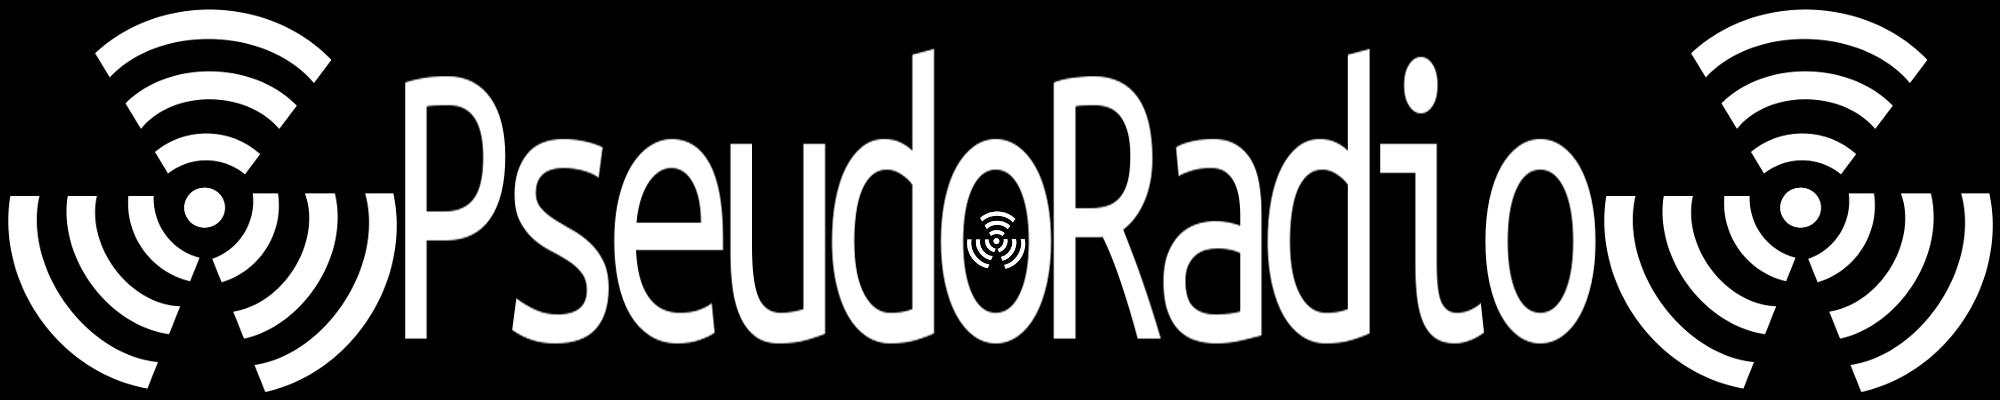 PseudoRadio.png